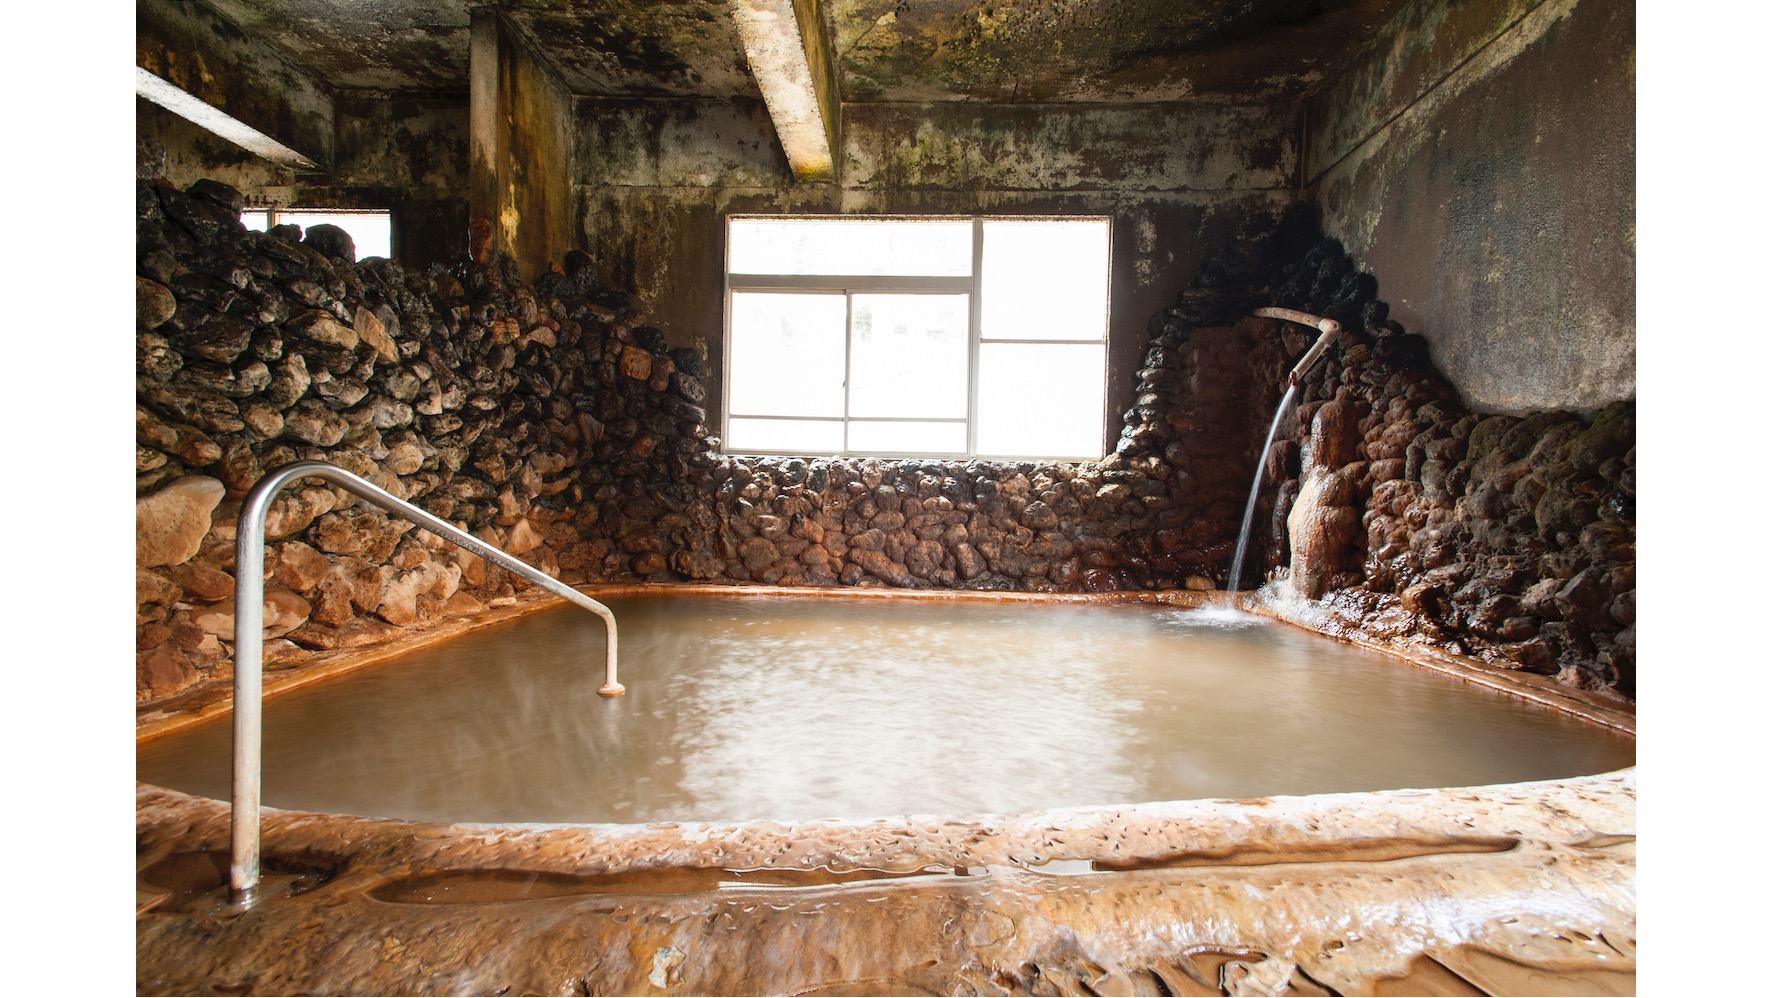 「知內溫泉烏托邦和樂園」屬於碳酸氫鹽泉,可以在溫泉池看到碳酸鈣的沉澱物如同梯田一般堆疊起來。